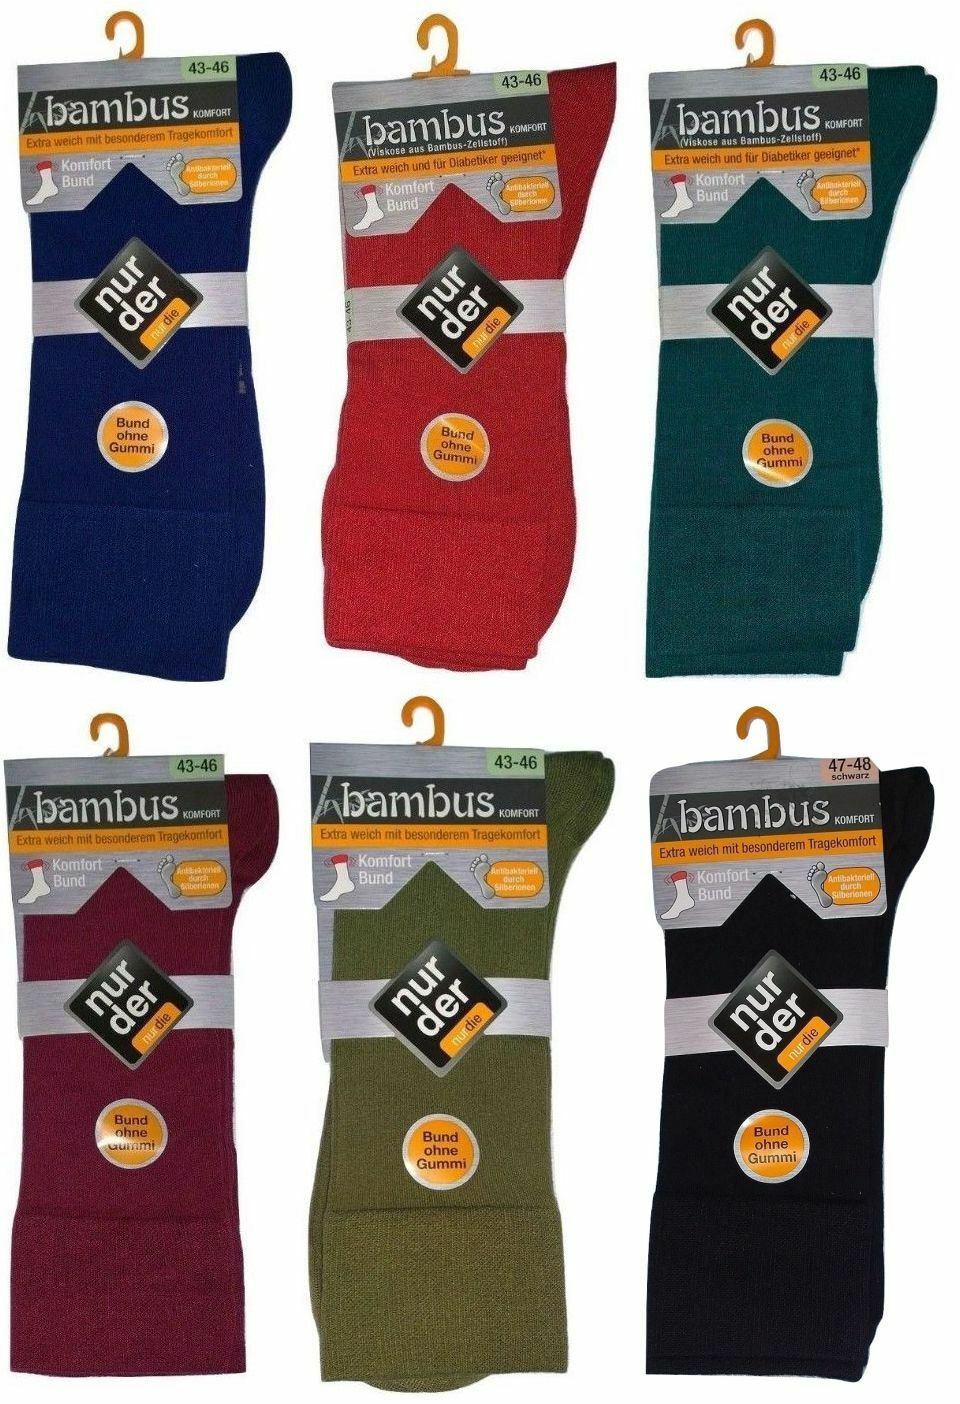 Nur Der Bambus Komfort Bund Socken Bund ohne Gummi auch für Diabetiker geeignet